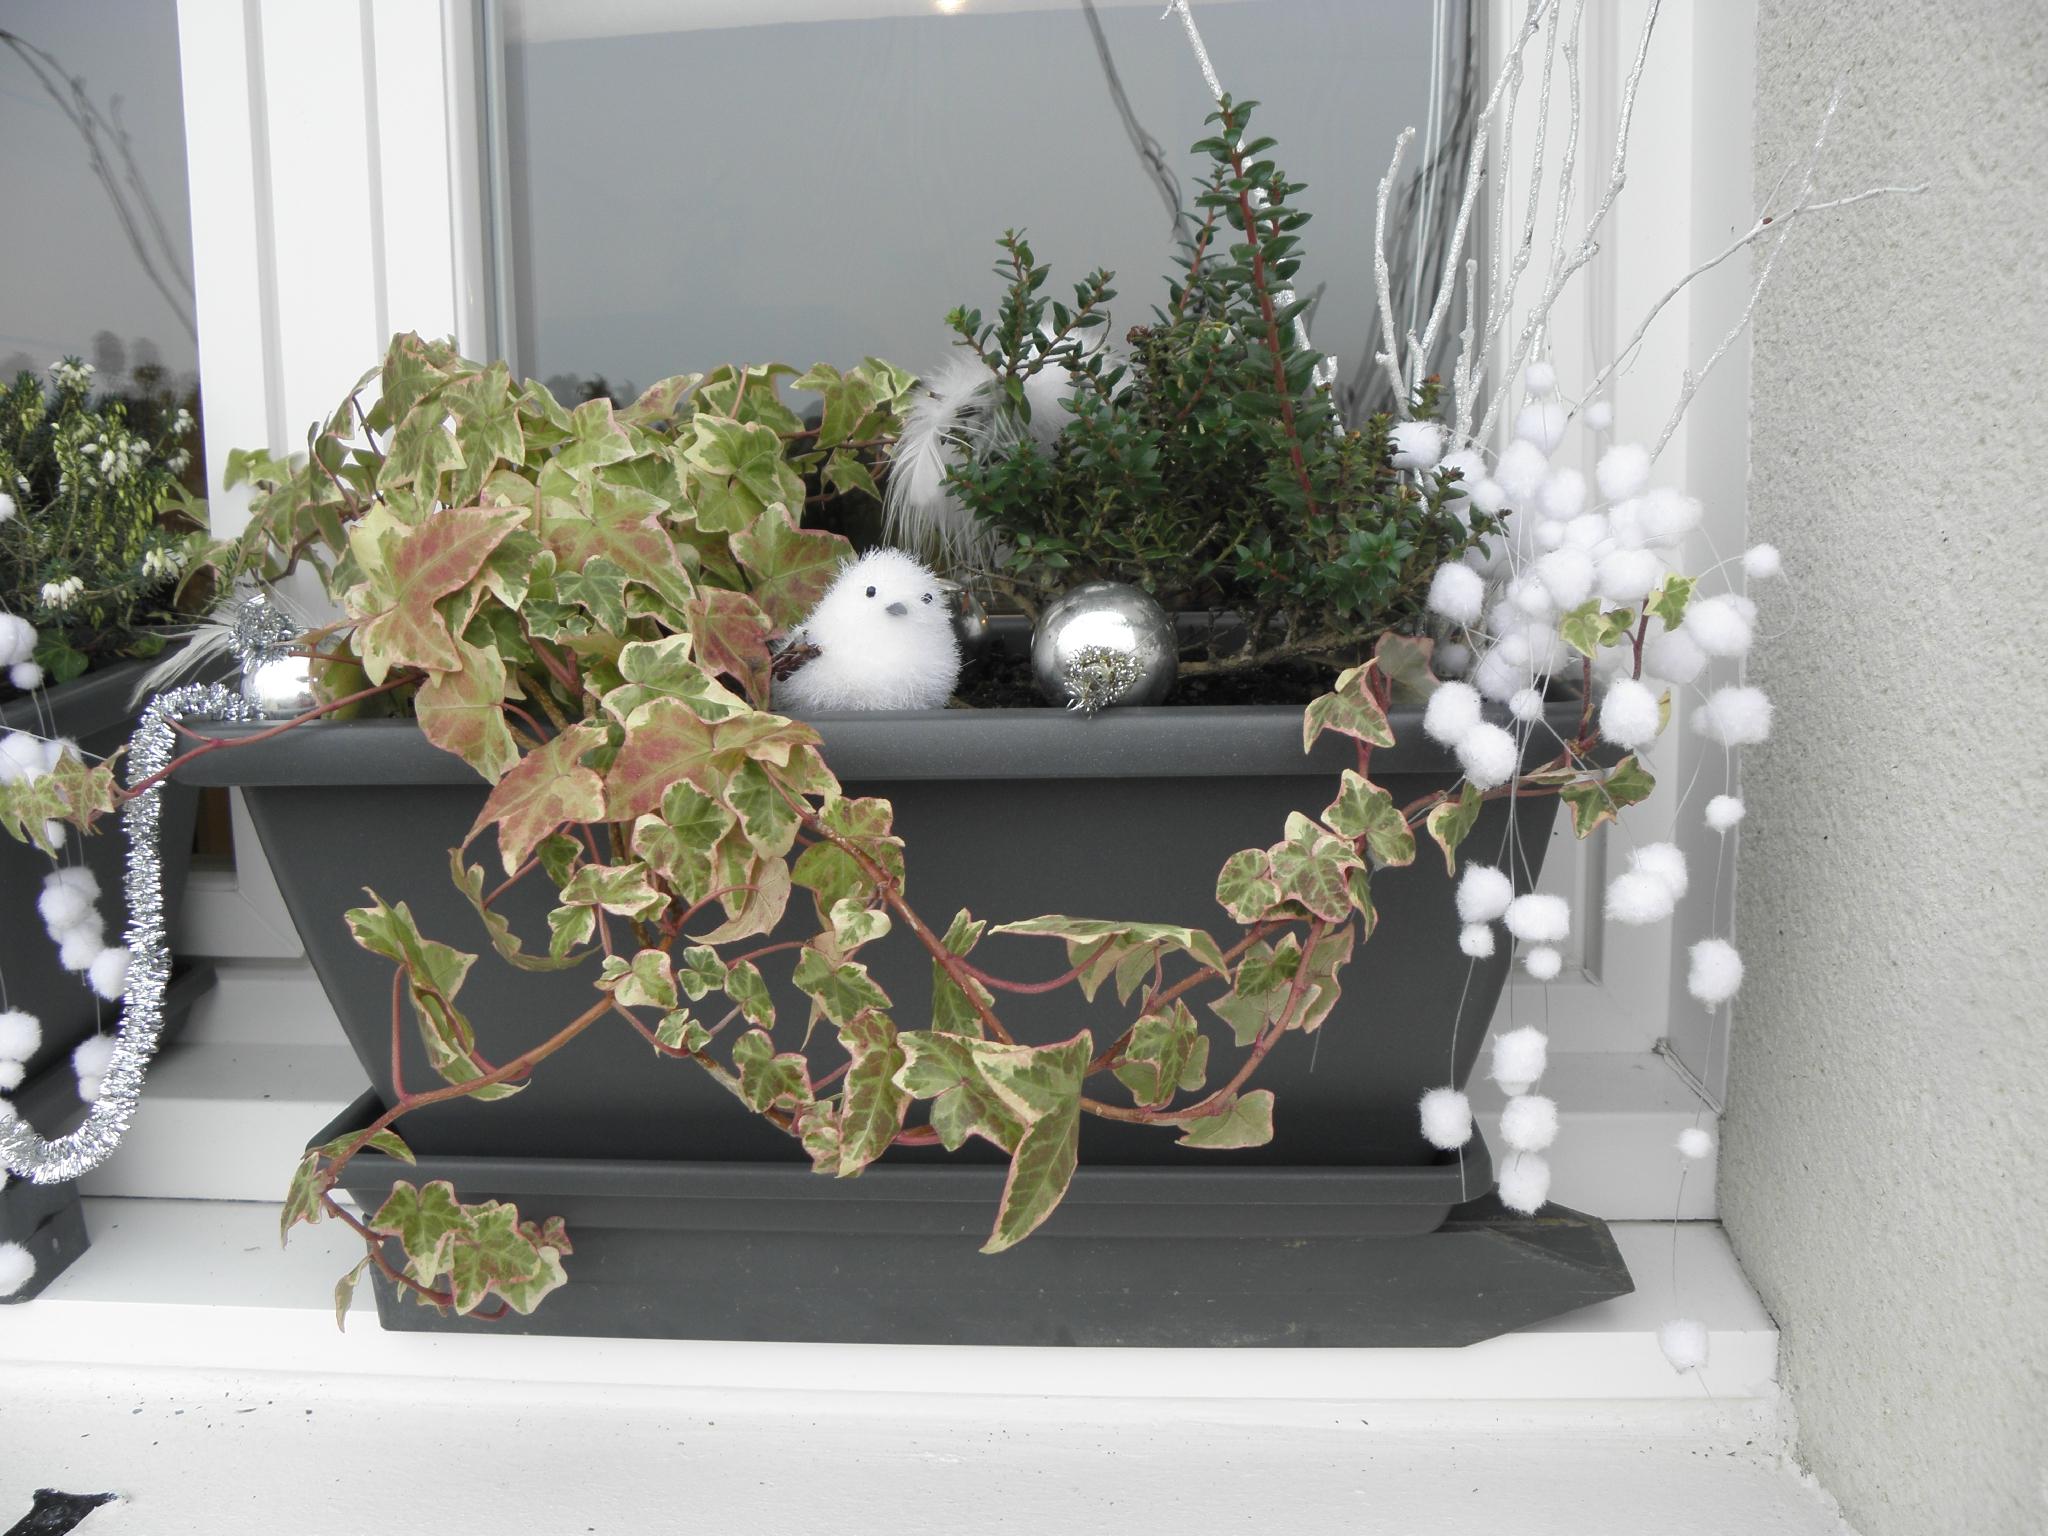 jardiniere terrasse exterieure l 39 atelier des fleurs. Black Bedroom Furniture Sets. Home Design Ideas